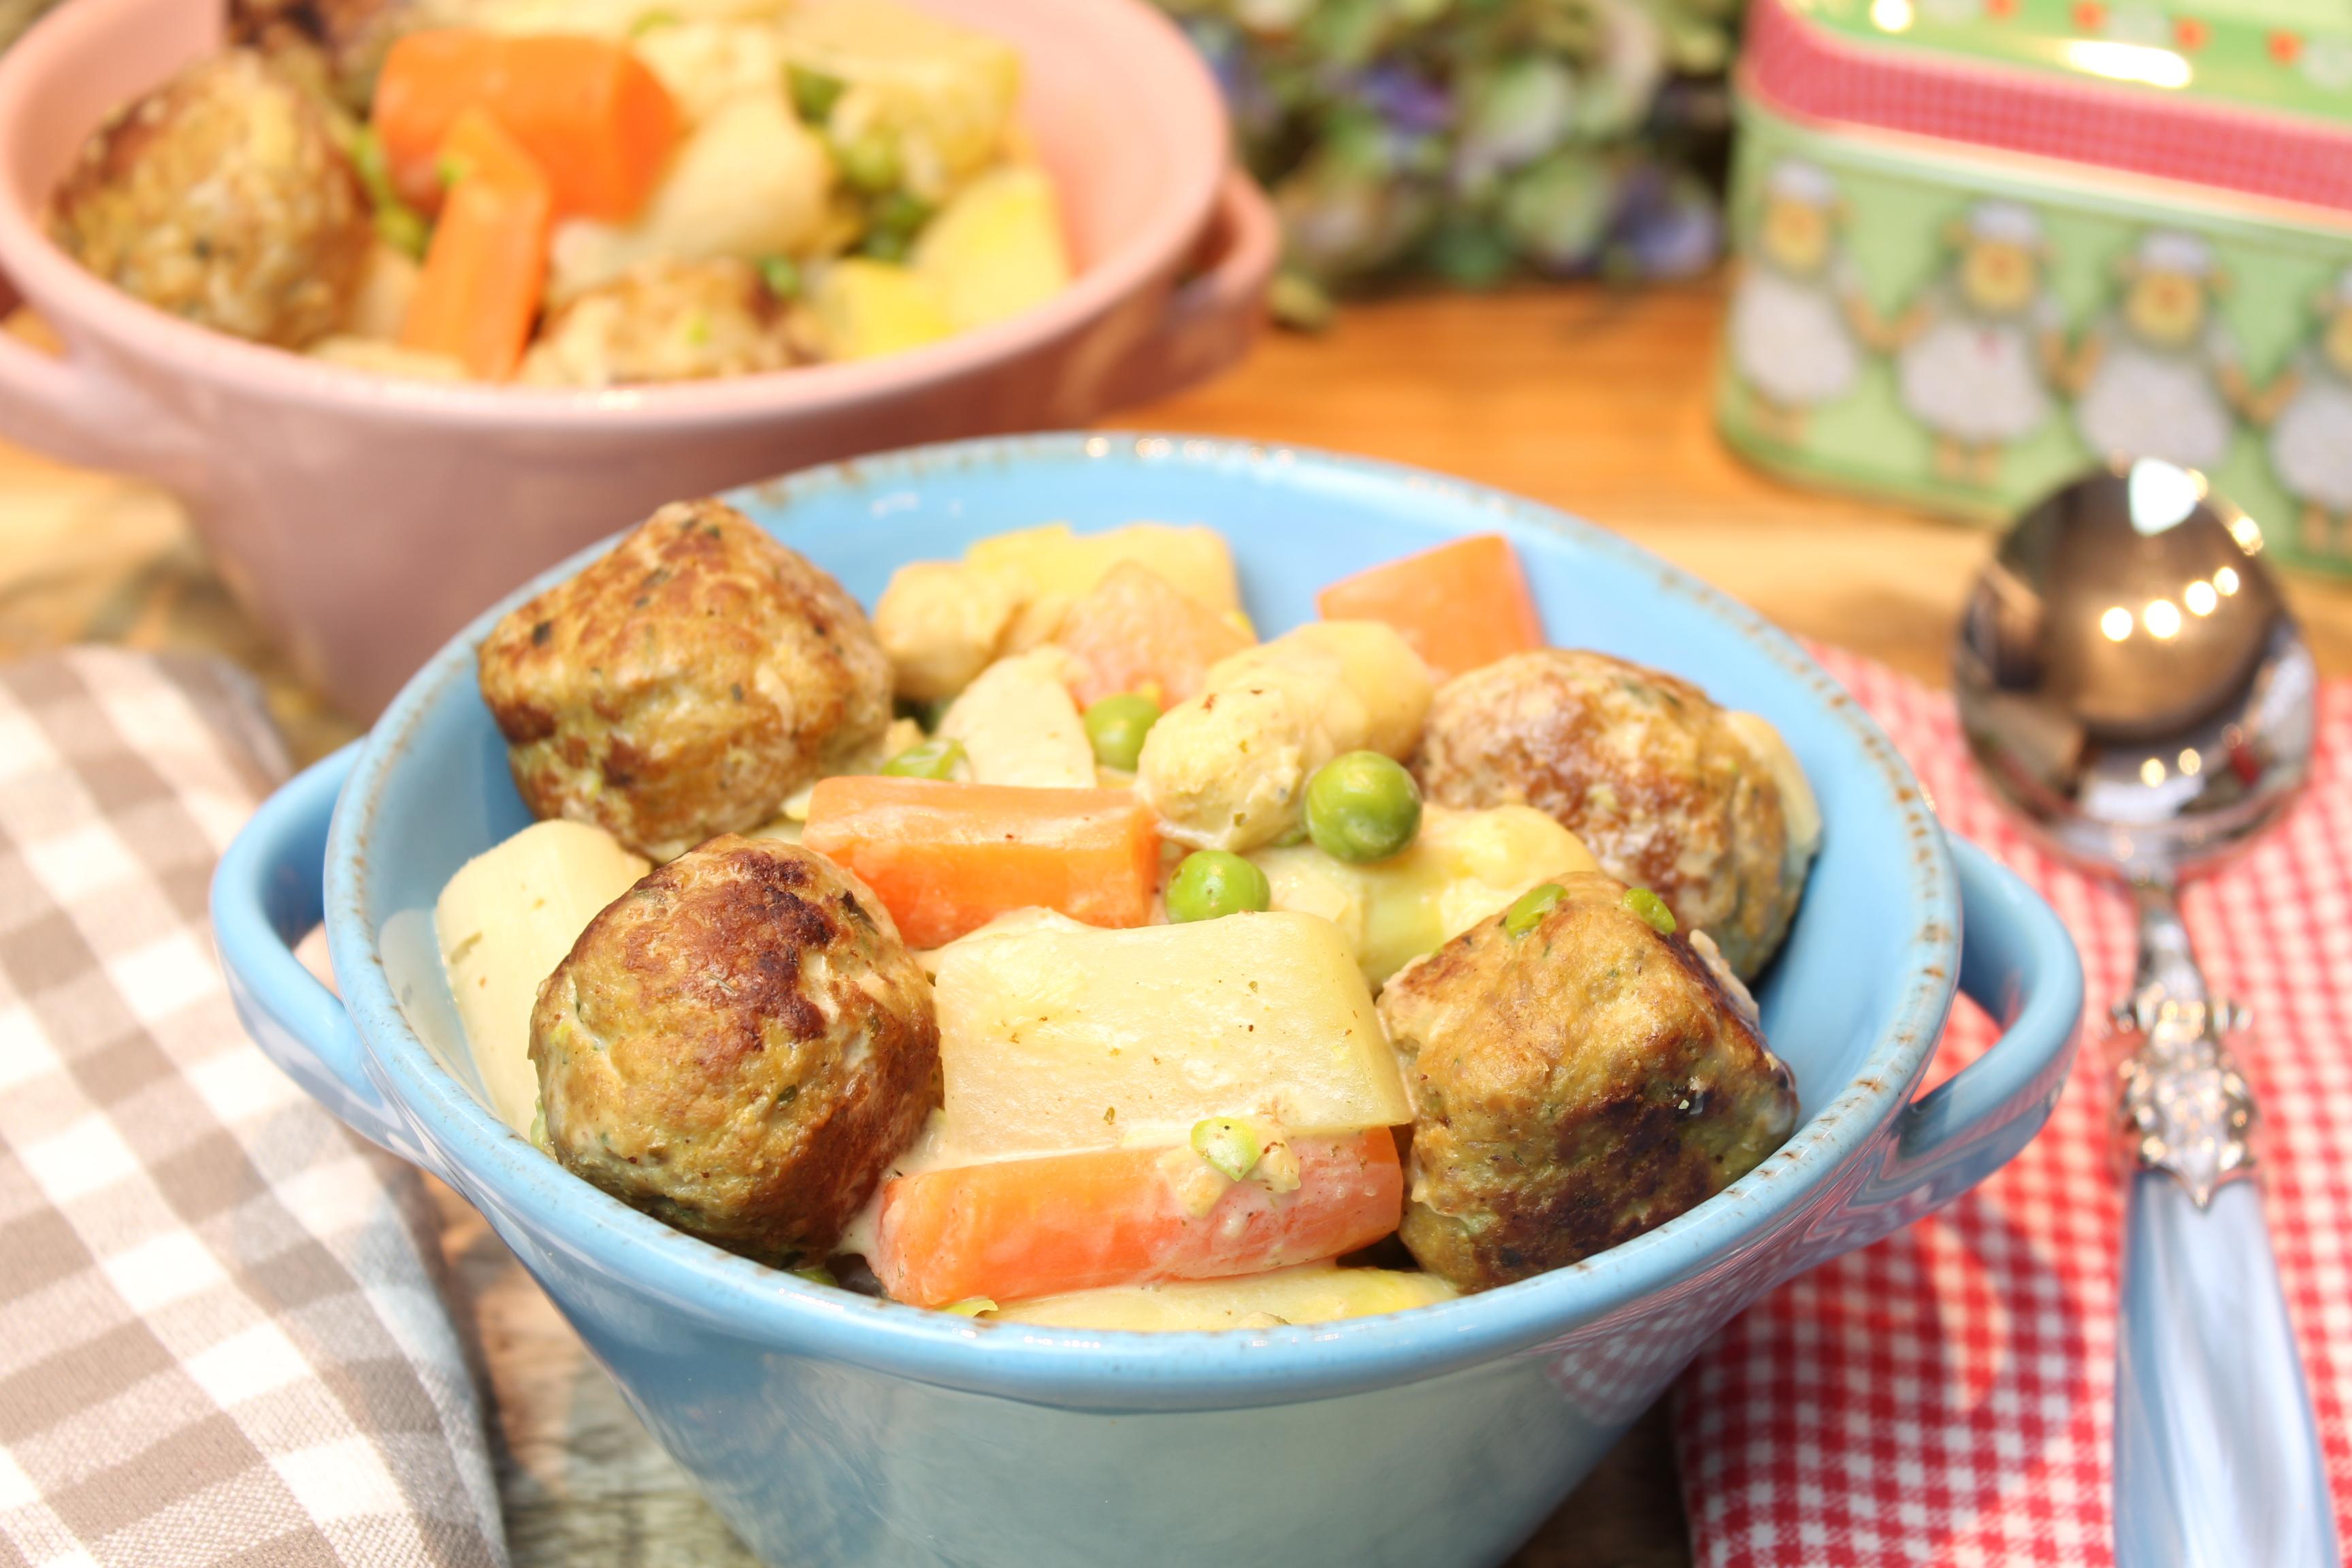 Gemüse-Spargel-Eintopf mit Fleischbällchen